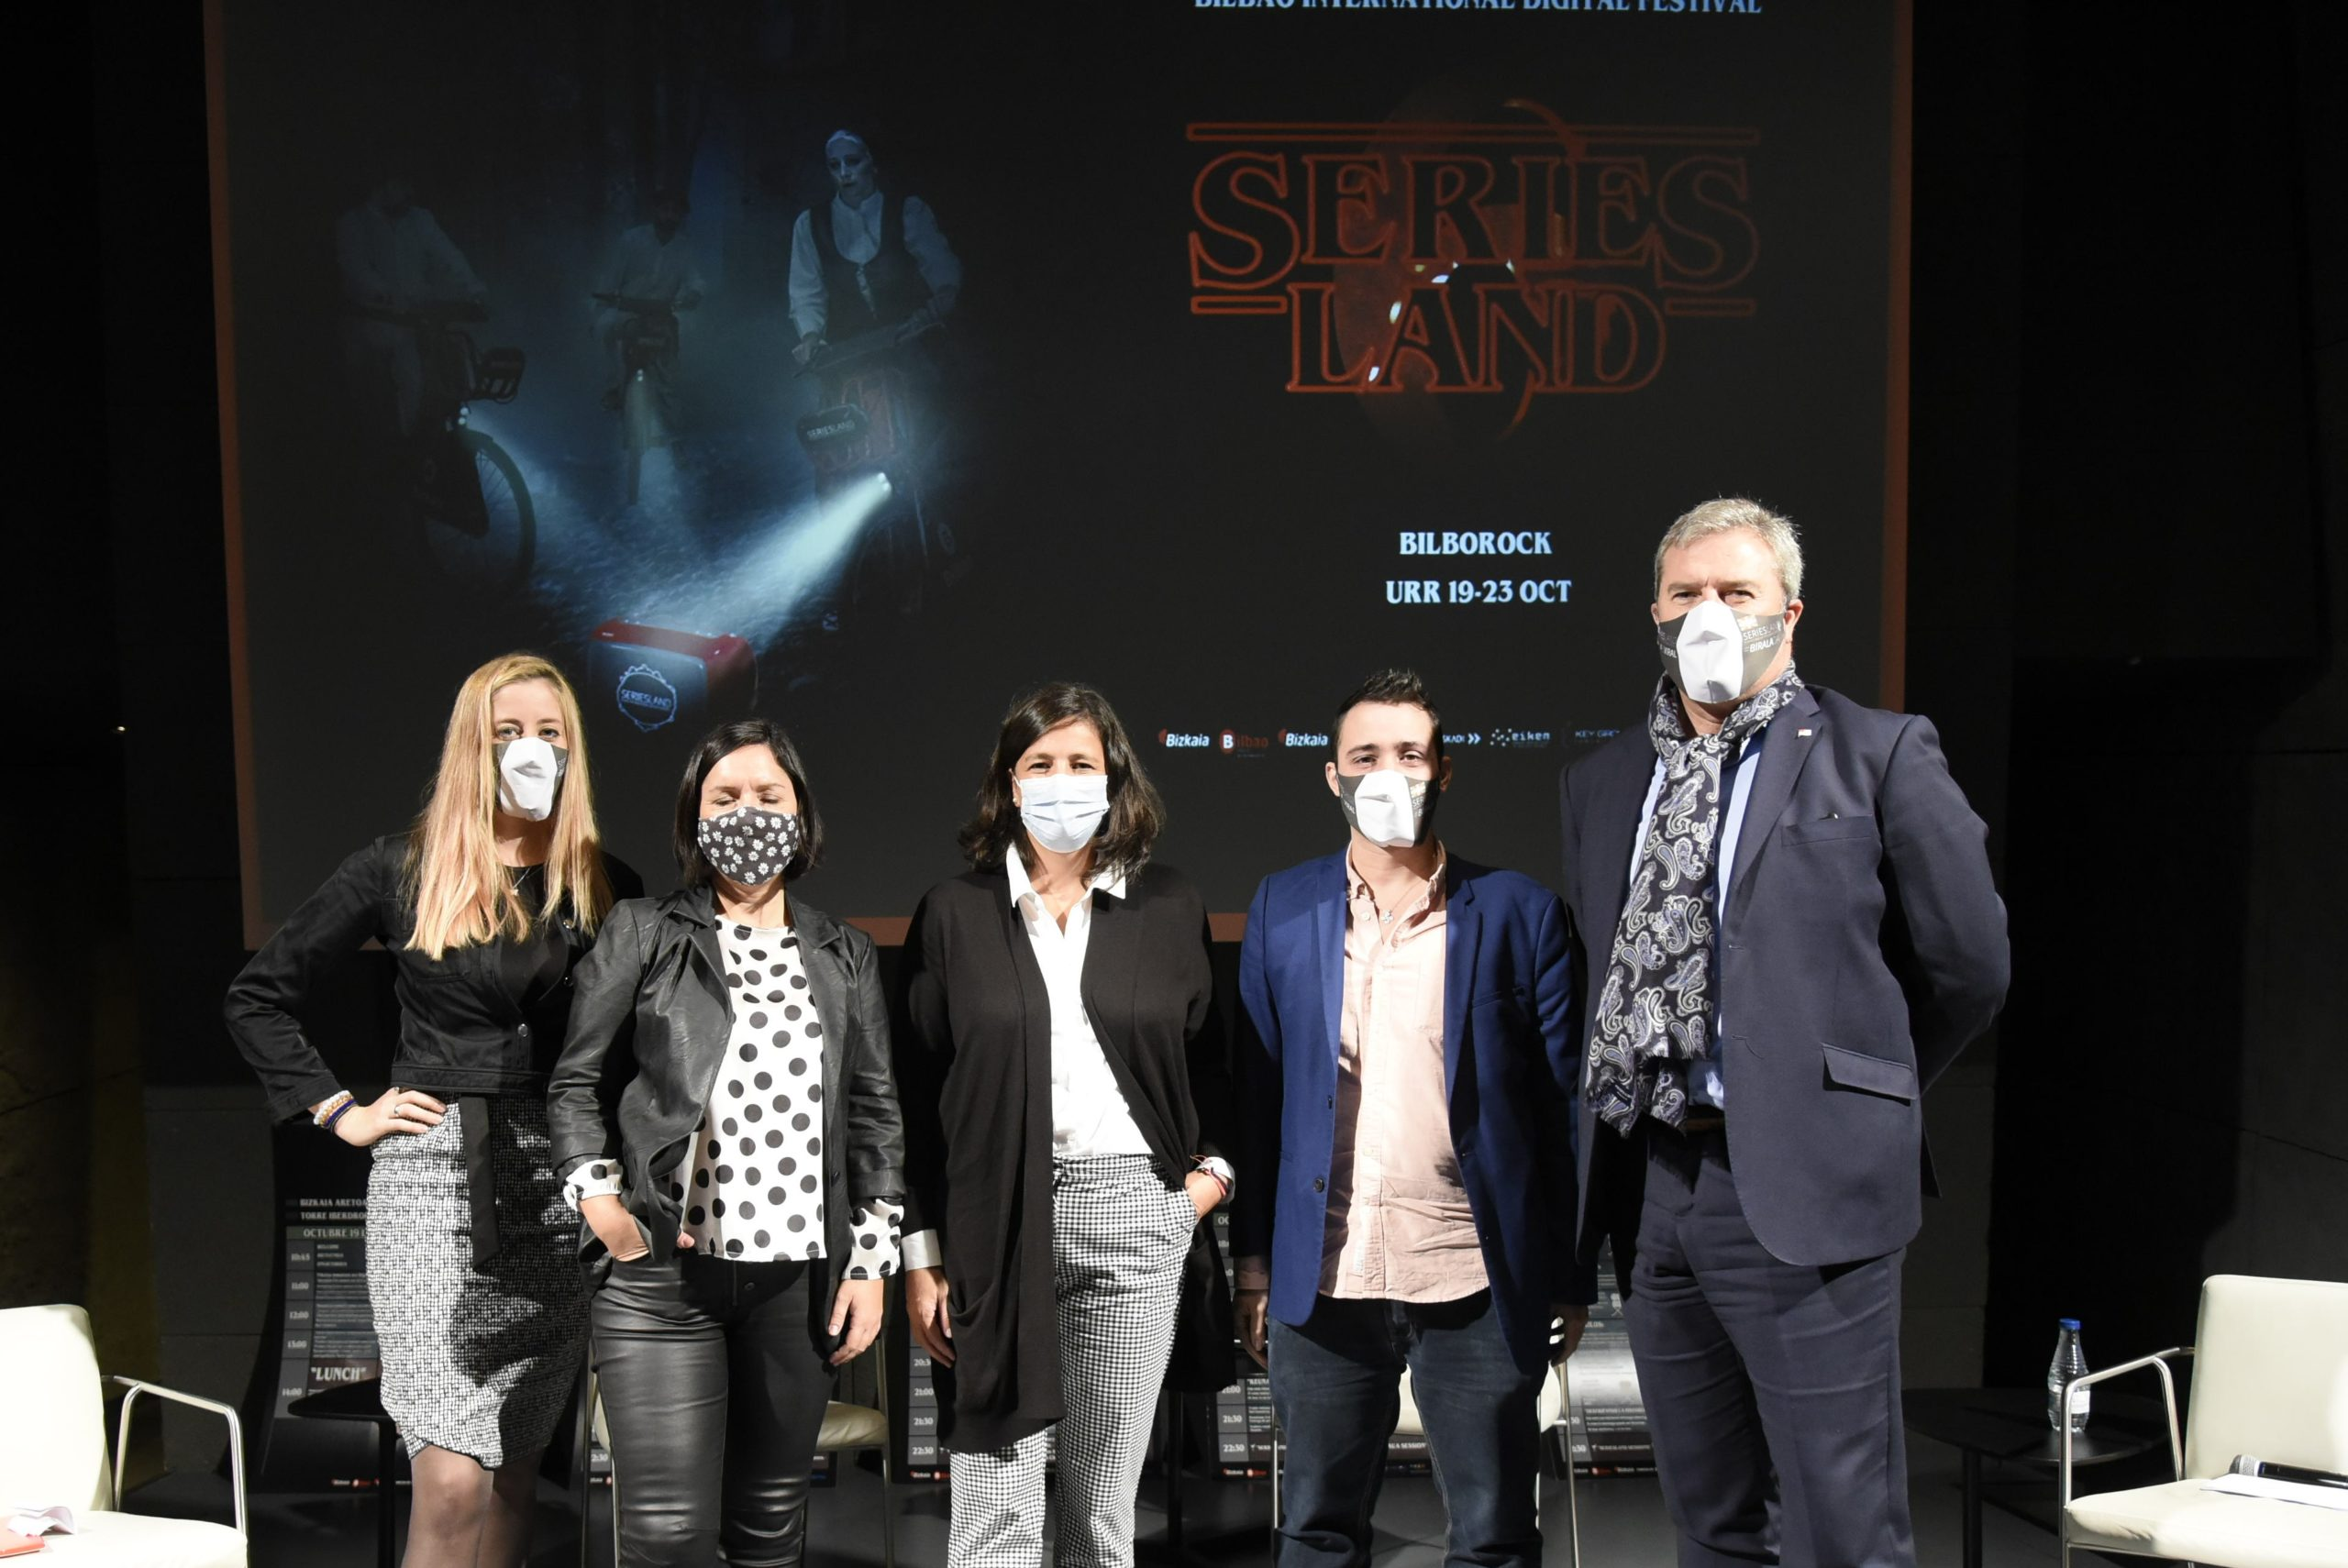 Rueda de prensa de presentación de la VI Edición del Festival Internacional de Webseries de Bilbao-SERIESLAND